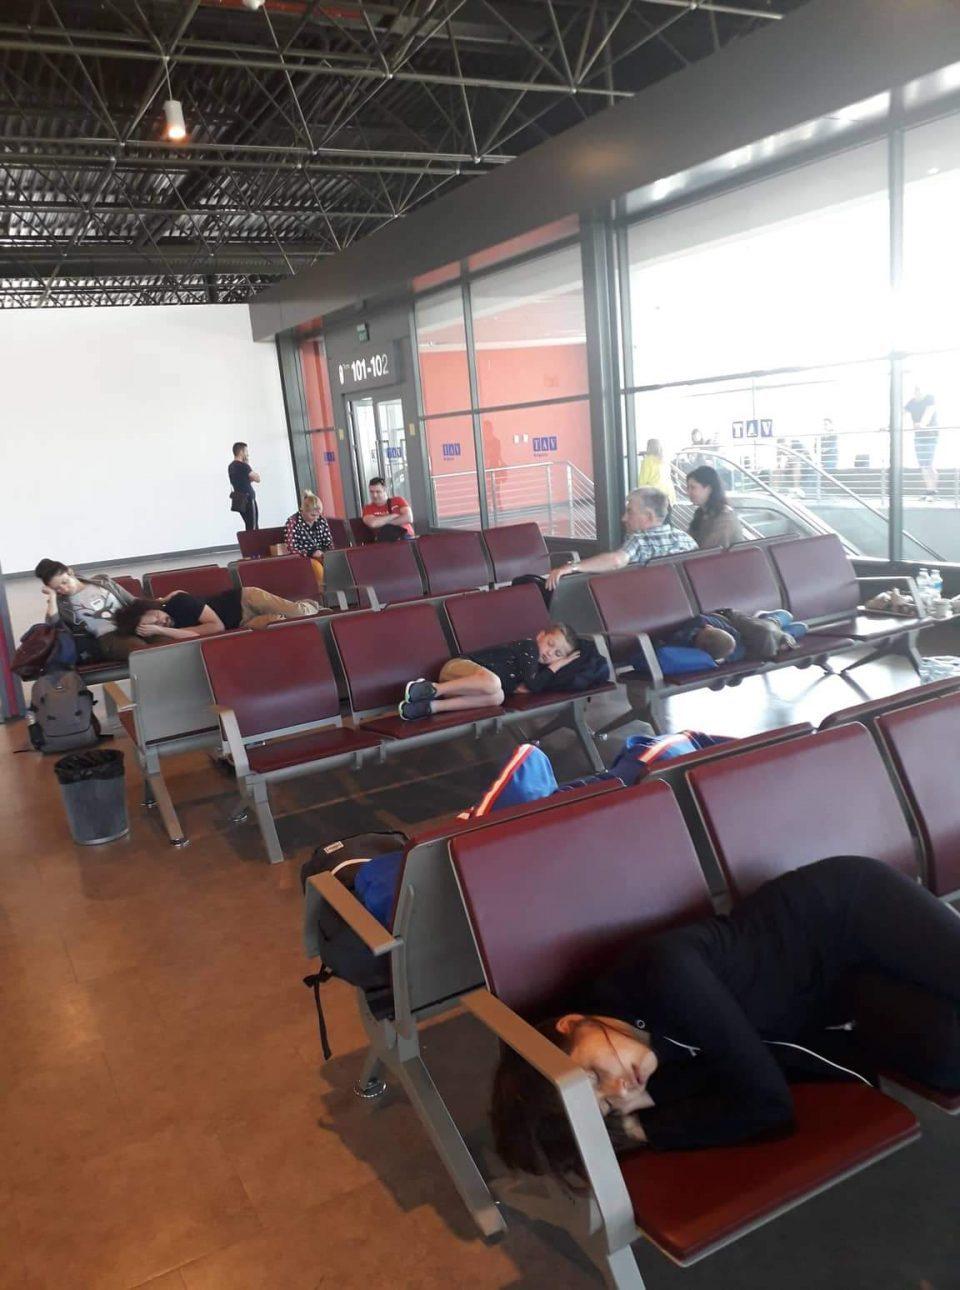 Повеќе од 150 македонски туристи заглавиле на скопскиот аеродром: 6 часа чекаме, авион нема!